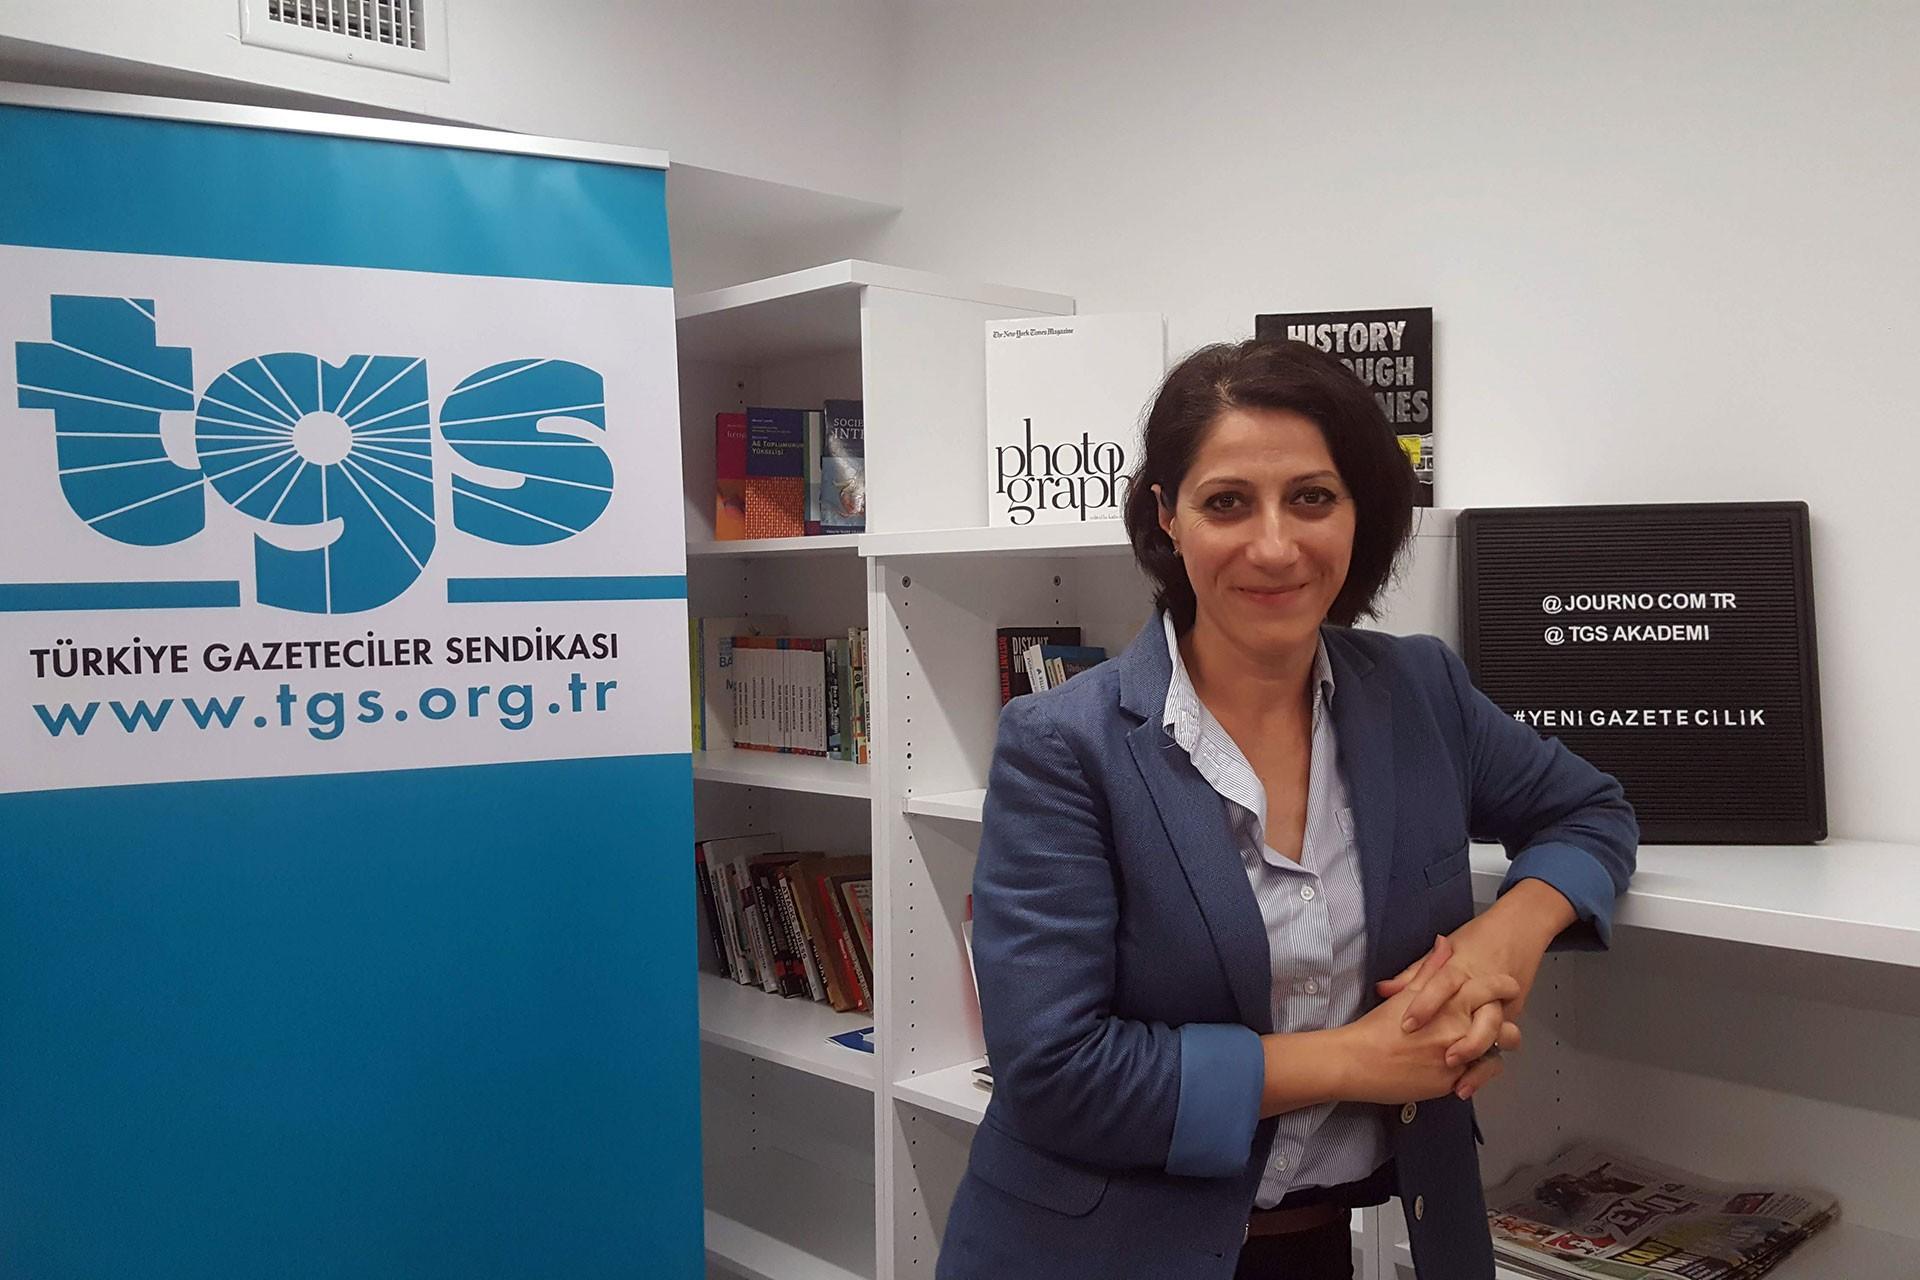 Türkiye Gazeteciler Sendikası İstanbul Şube Başkanı Banu Tuna